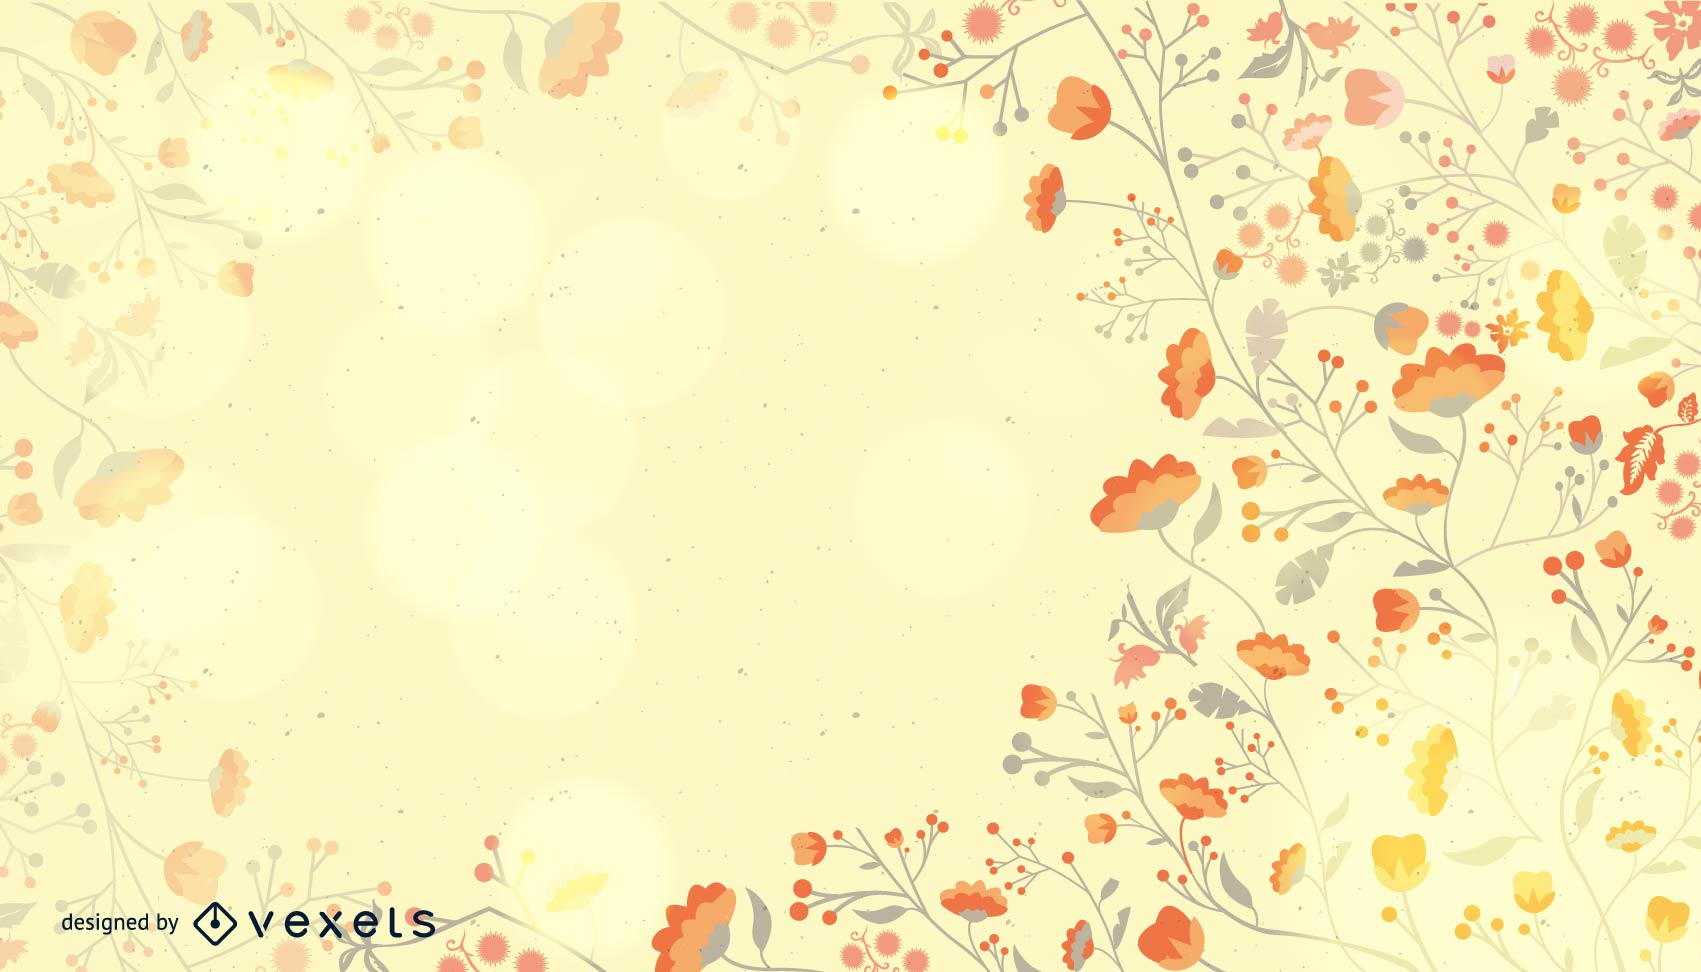 Fondo artístico floral